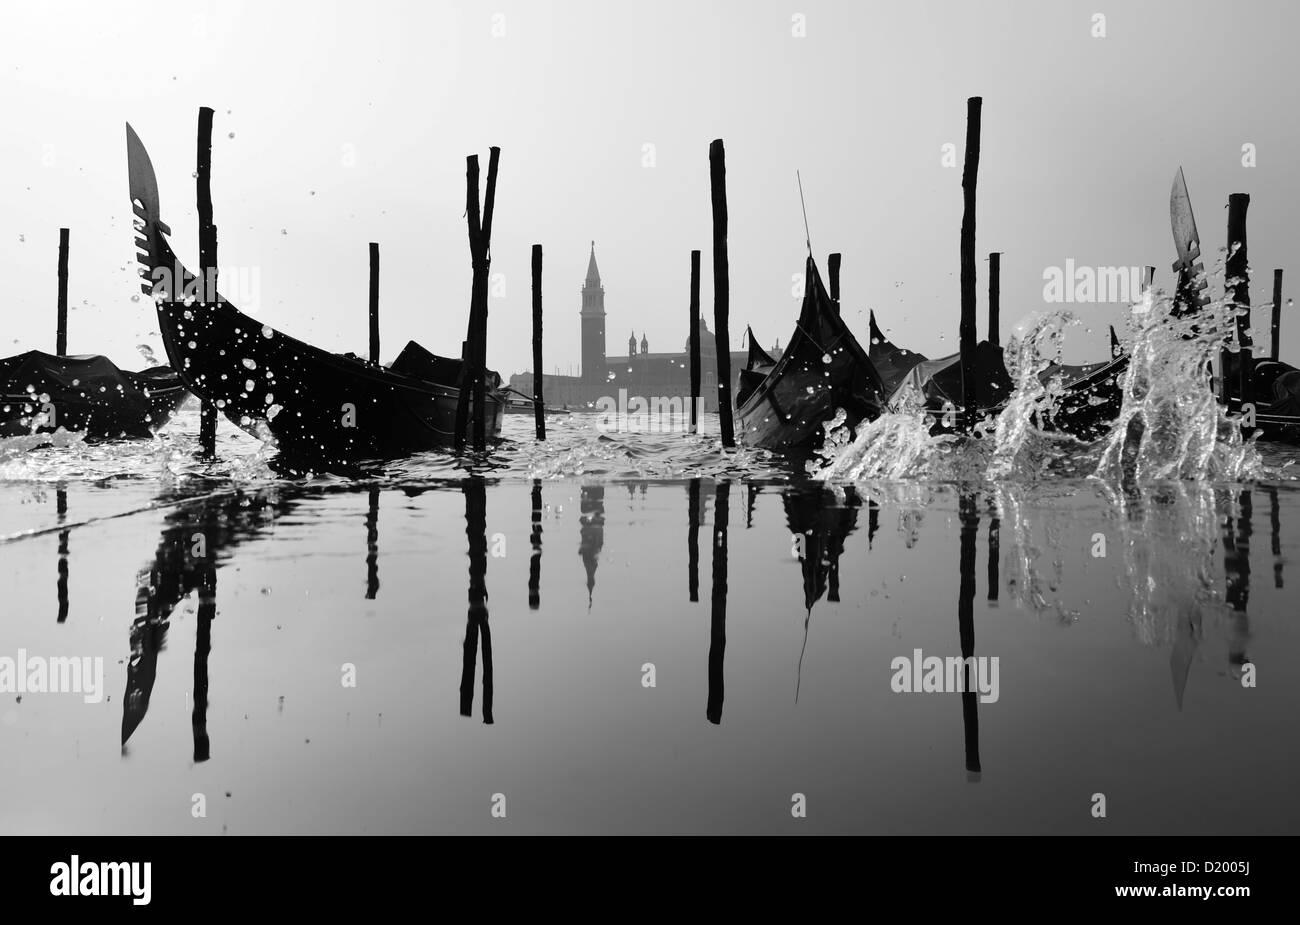 Gondole, acqua spray, San Giorgio Maggiore, Venezia, Italia Immagini Stock